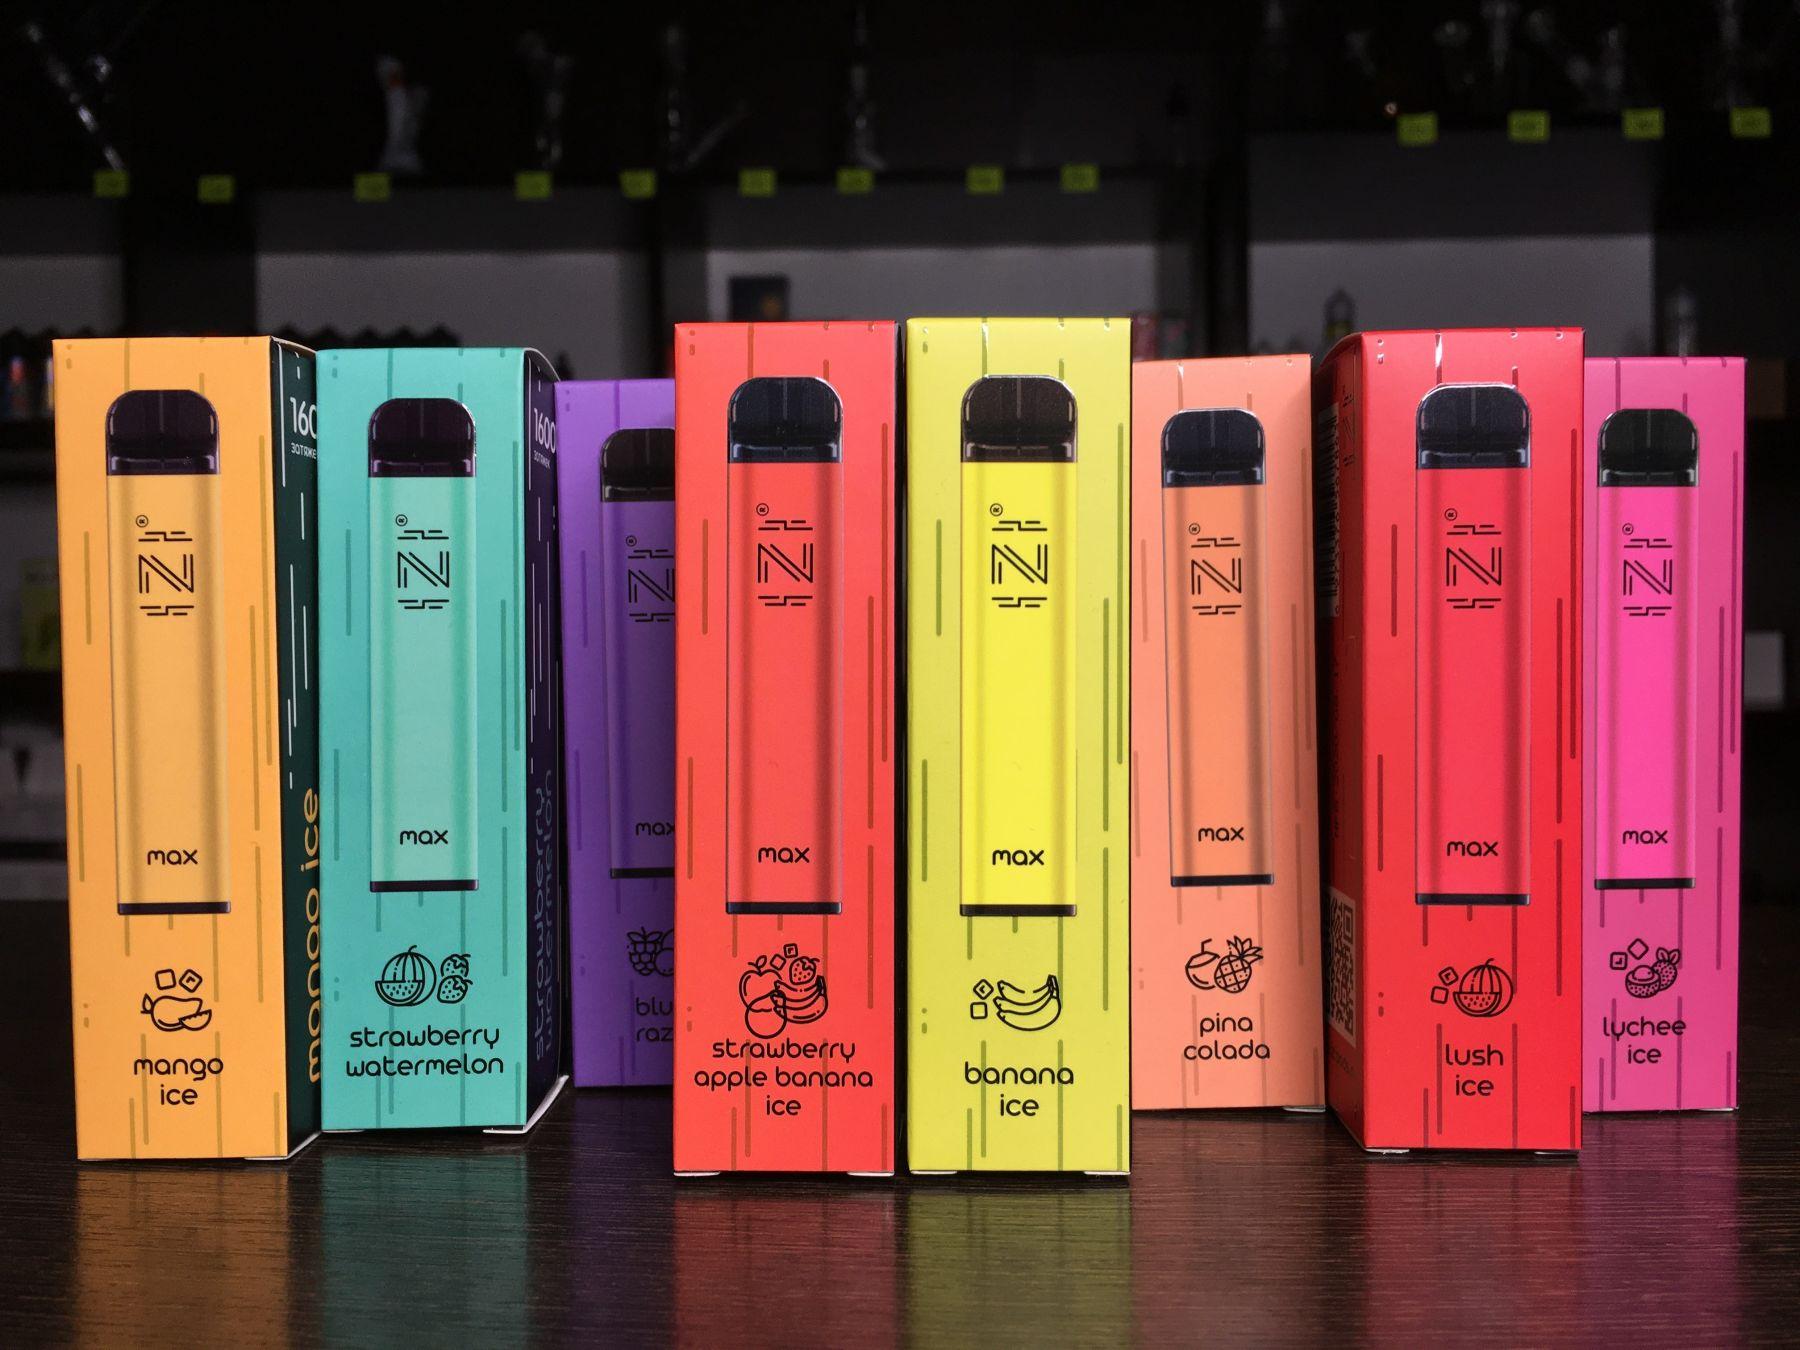 Электронные сигареты изи 1600 затяжек купить оптом купить сигареты в розницу с доставкой по москве